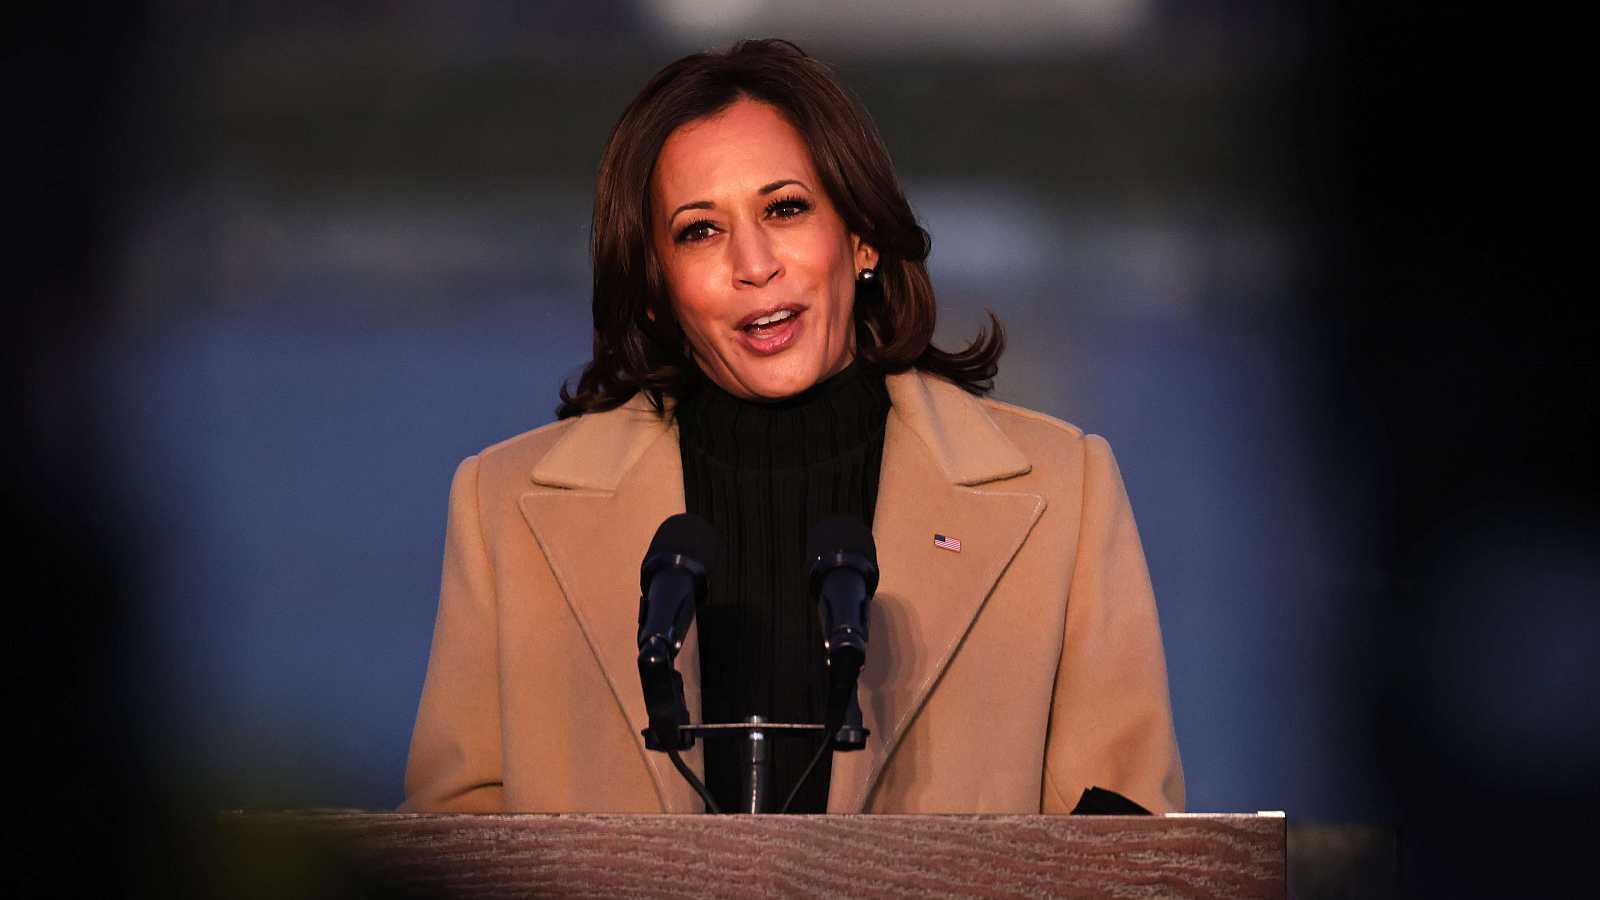 14 horas - Kamala Harris, la vicepresidenta que quiere ser protagonista - Escuchar ahora